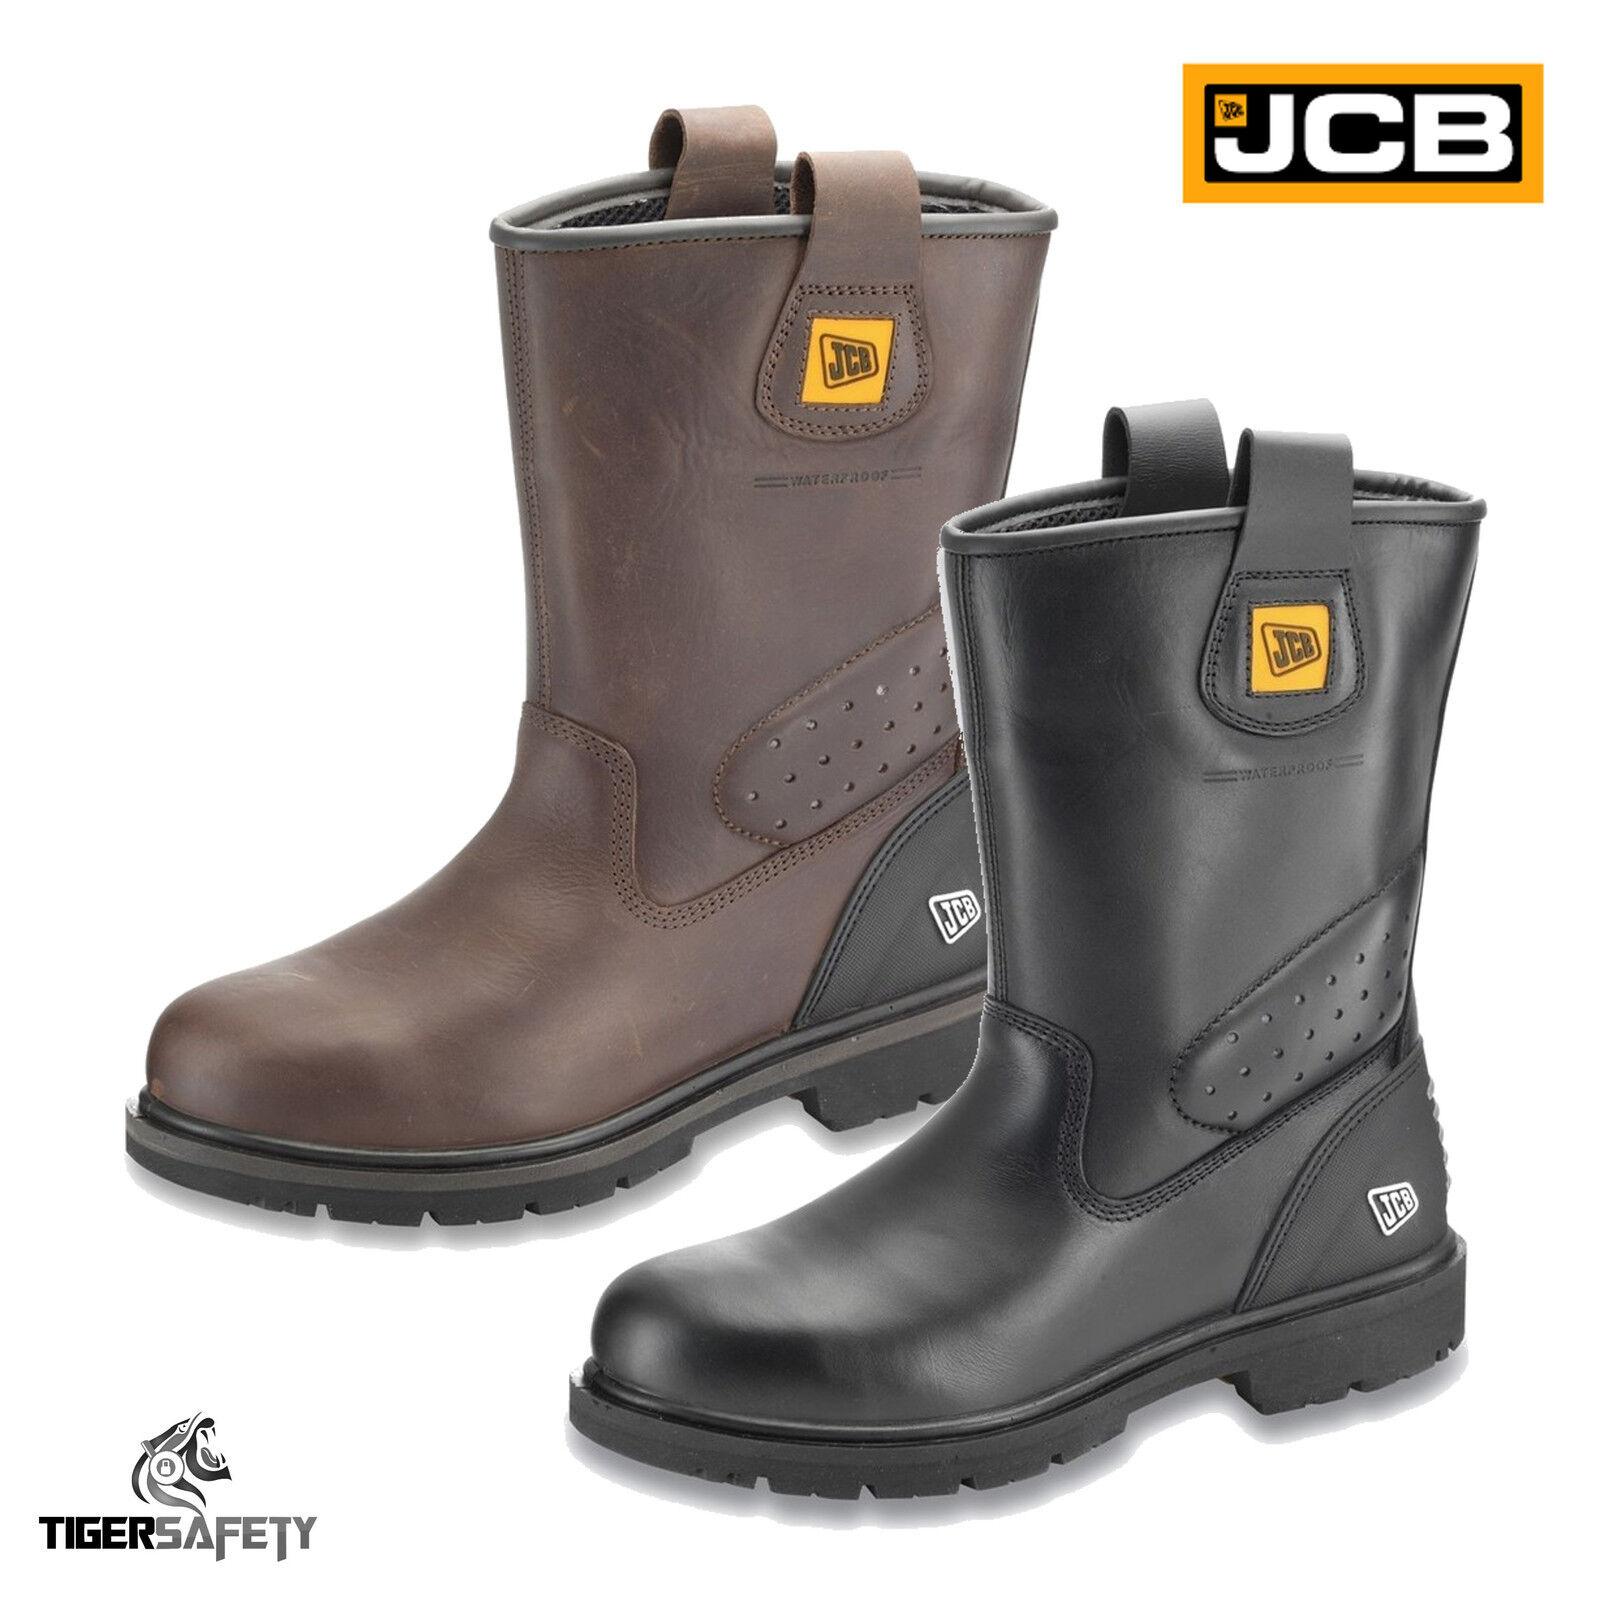 Jcb Track pro Acciaio S3 con Punta in Acciaio pro Impermeabili di Qualità Lavoro 5bf2d3